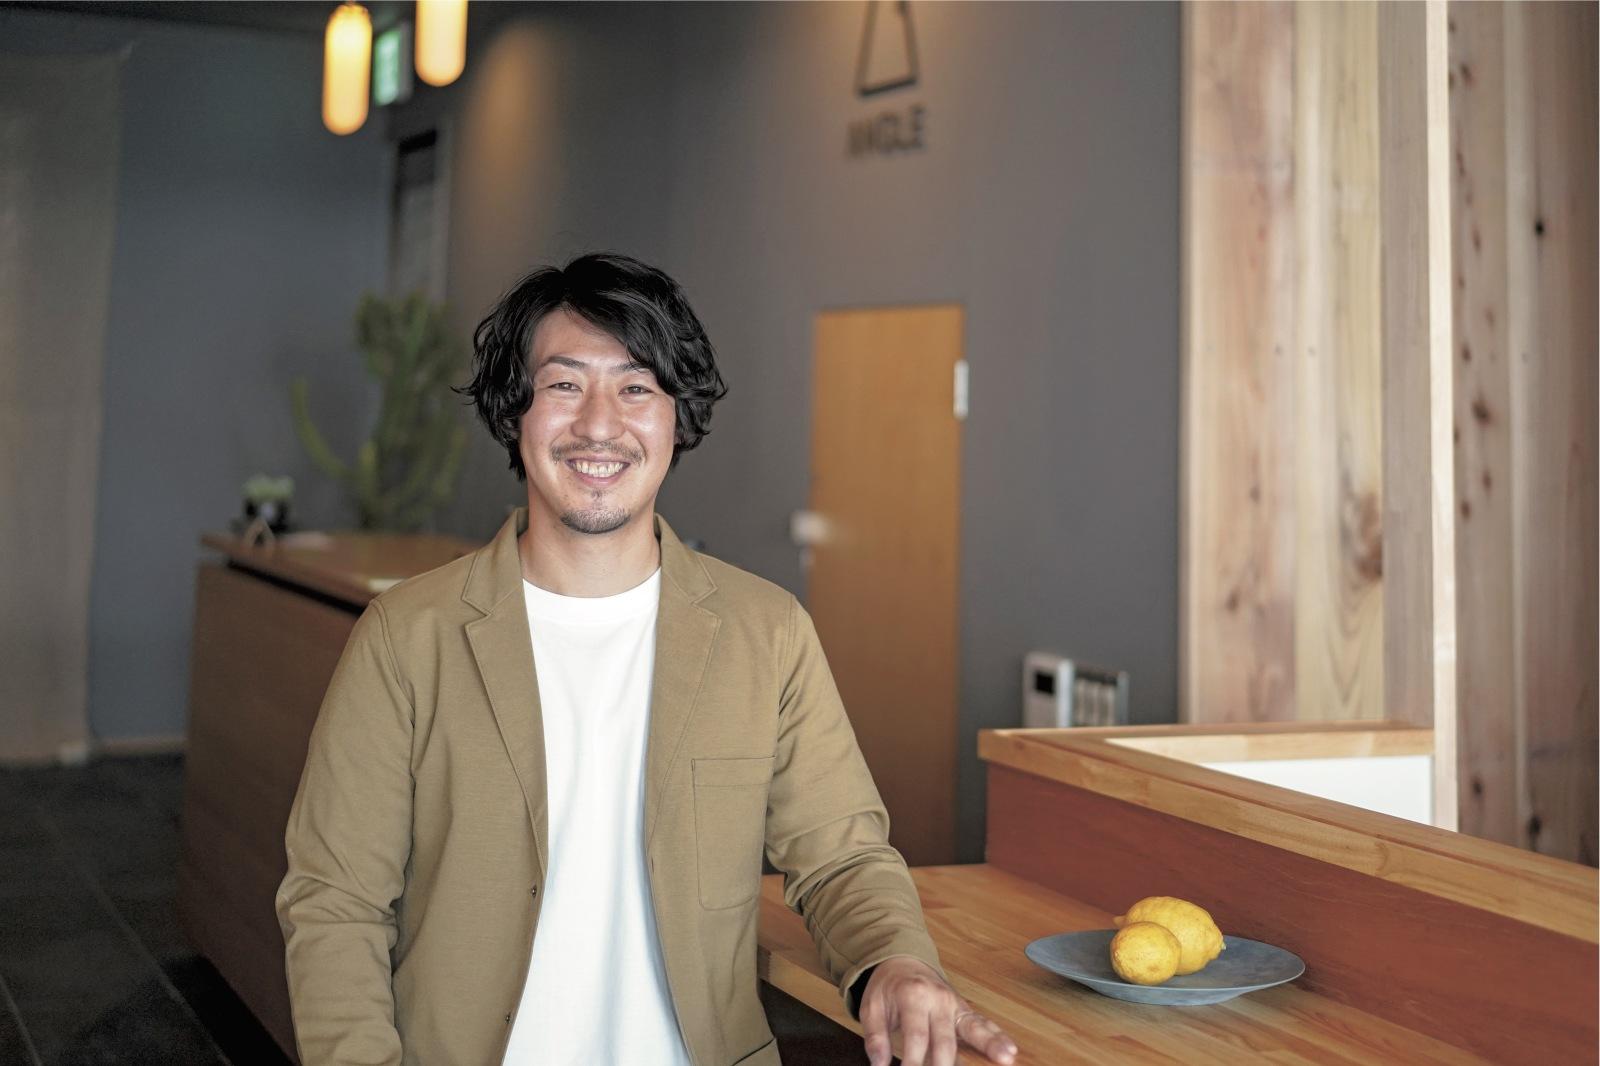 飯田圭さん/ 『Okazaki Micro Hotel ANGLE』オーナー。山梨県出身で地方銀行勤務の後、4年前に岡崎市へ移住。コワーキングスペース『Camping Office osoto』の立ち上げ・運営も担当。